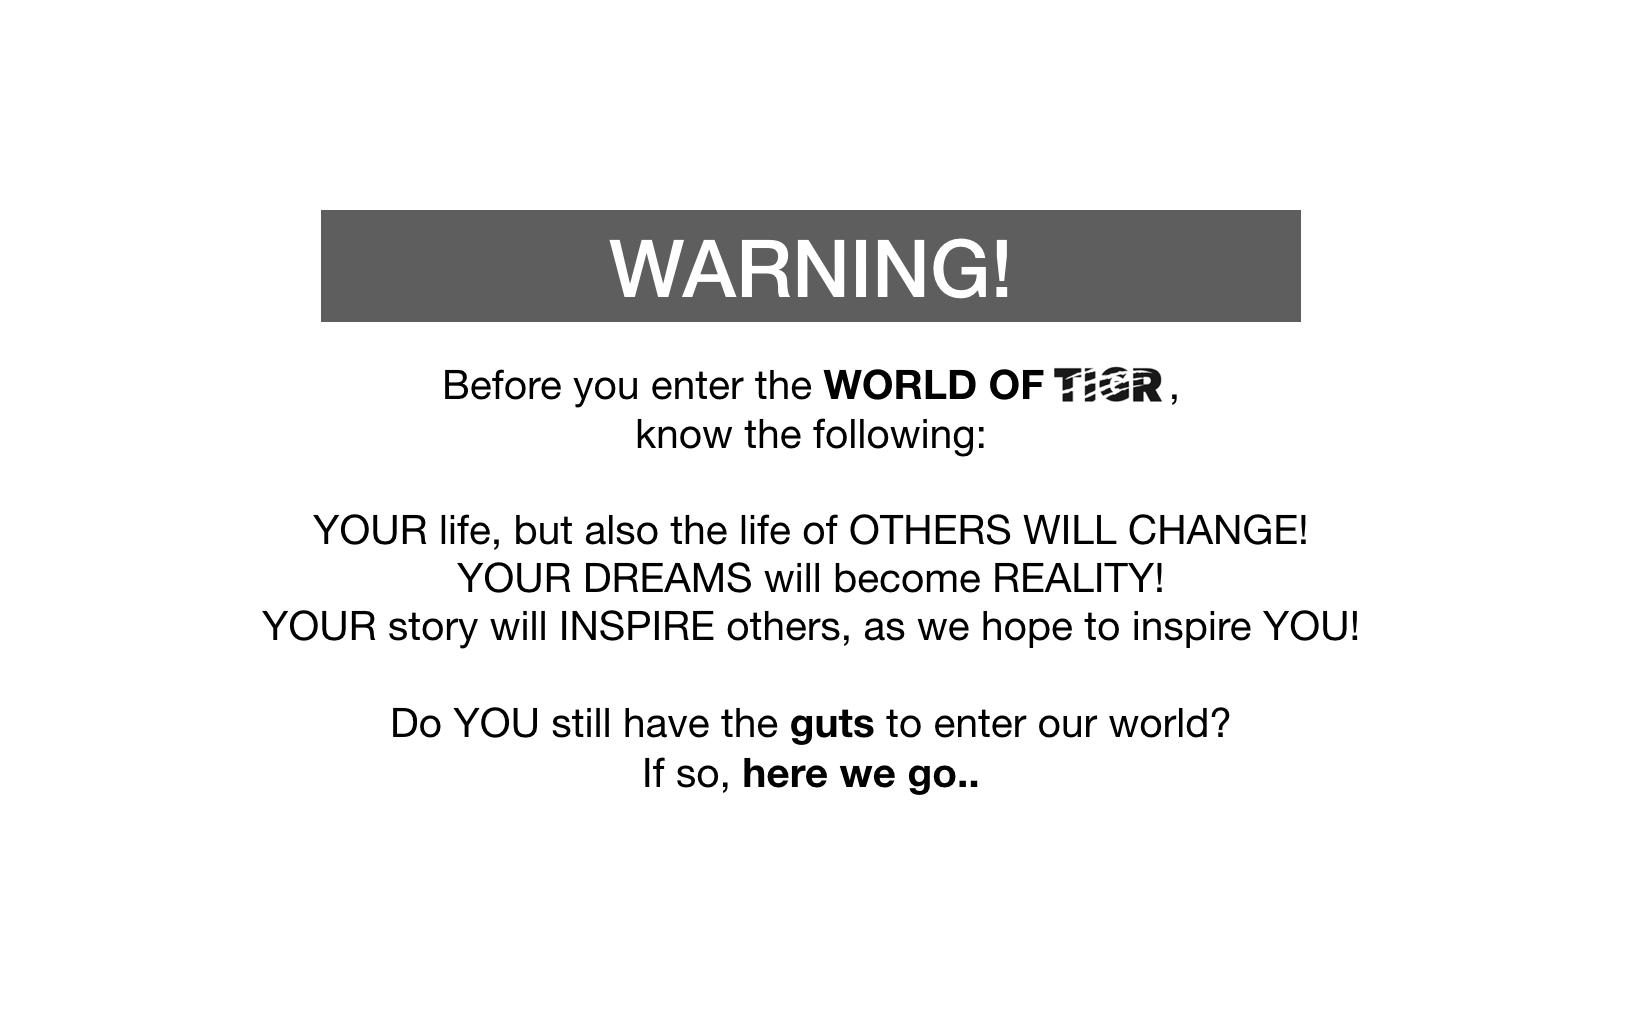 World of Tigr